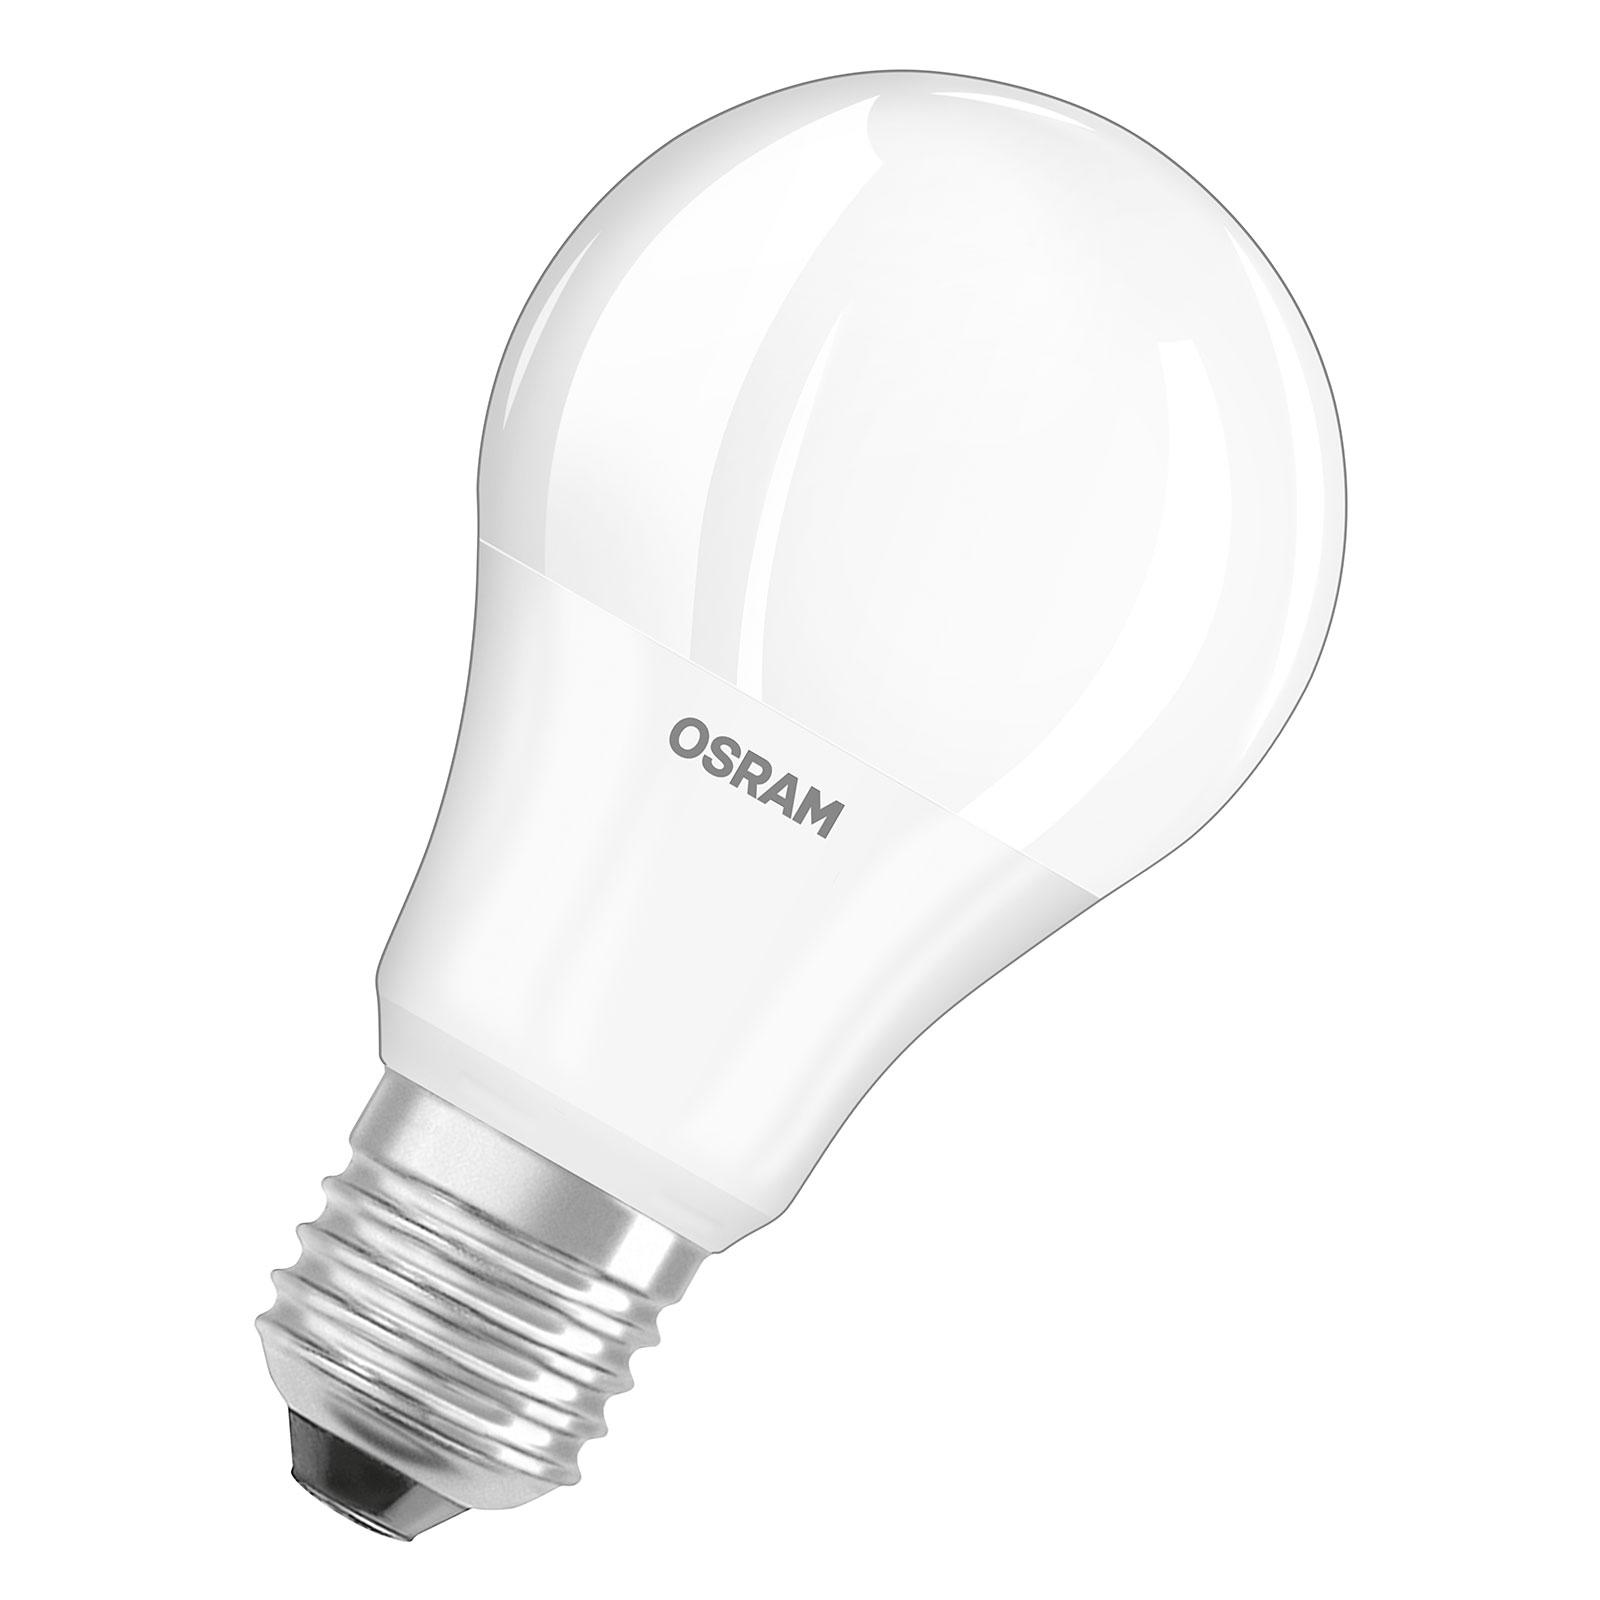 OSRAM żarówka LED E27 8,5W 4000K, zestaw 2 szt.